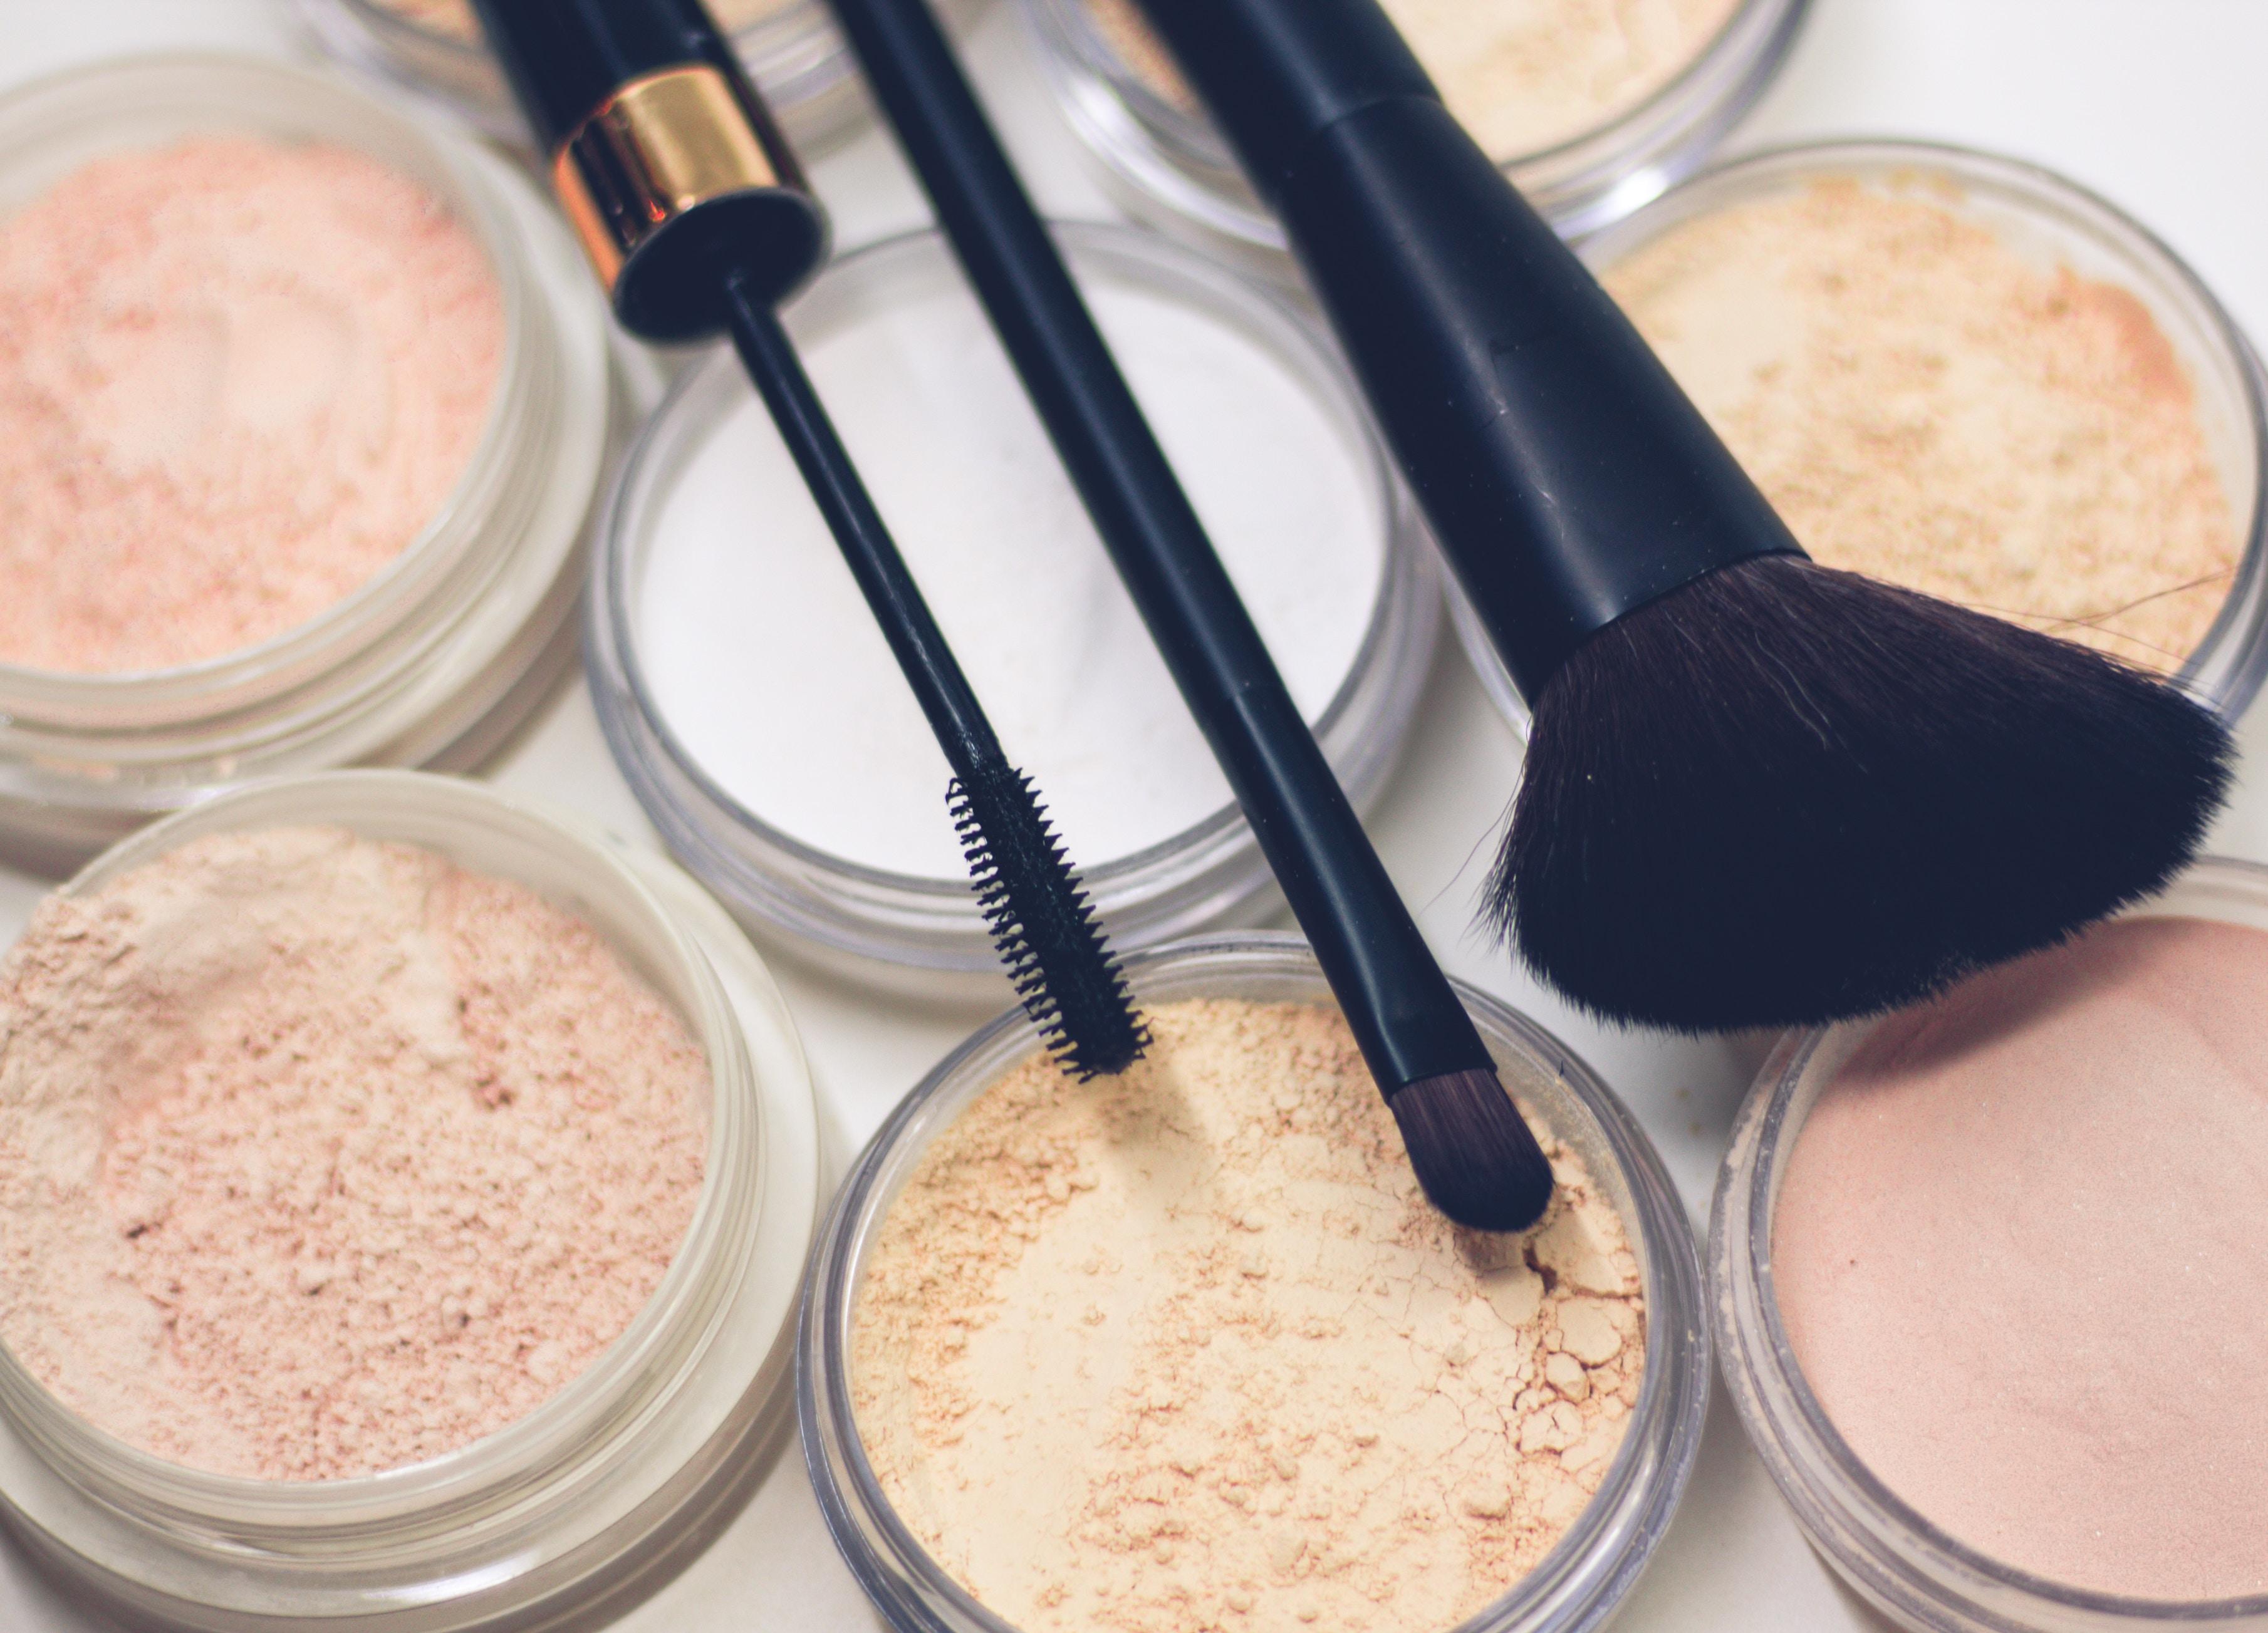 Mit ein bisschen Geschick und Kreativität lässt sich Kosmetik auch ganz einfach selber herstellen. -Photocredit: Raphael Lovaski/Unsplash